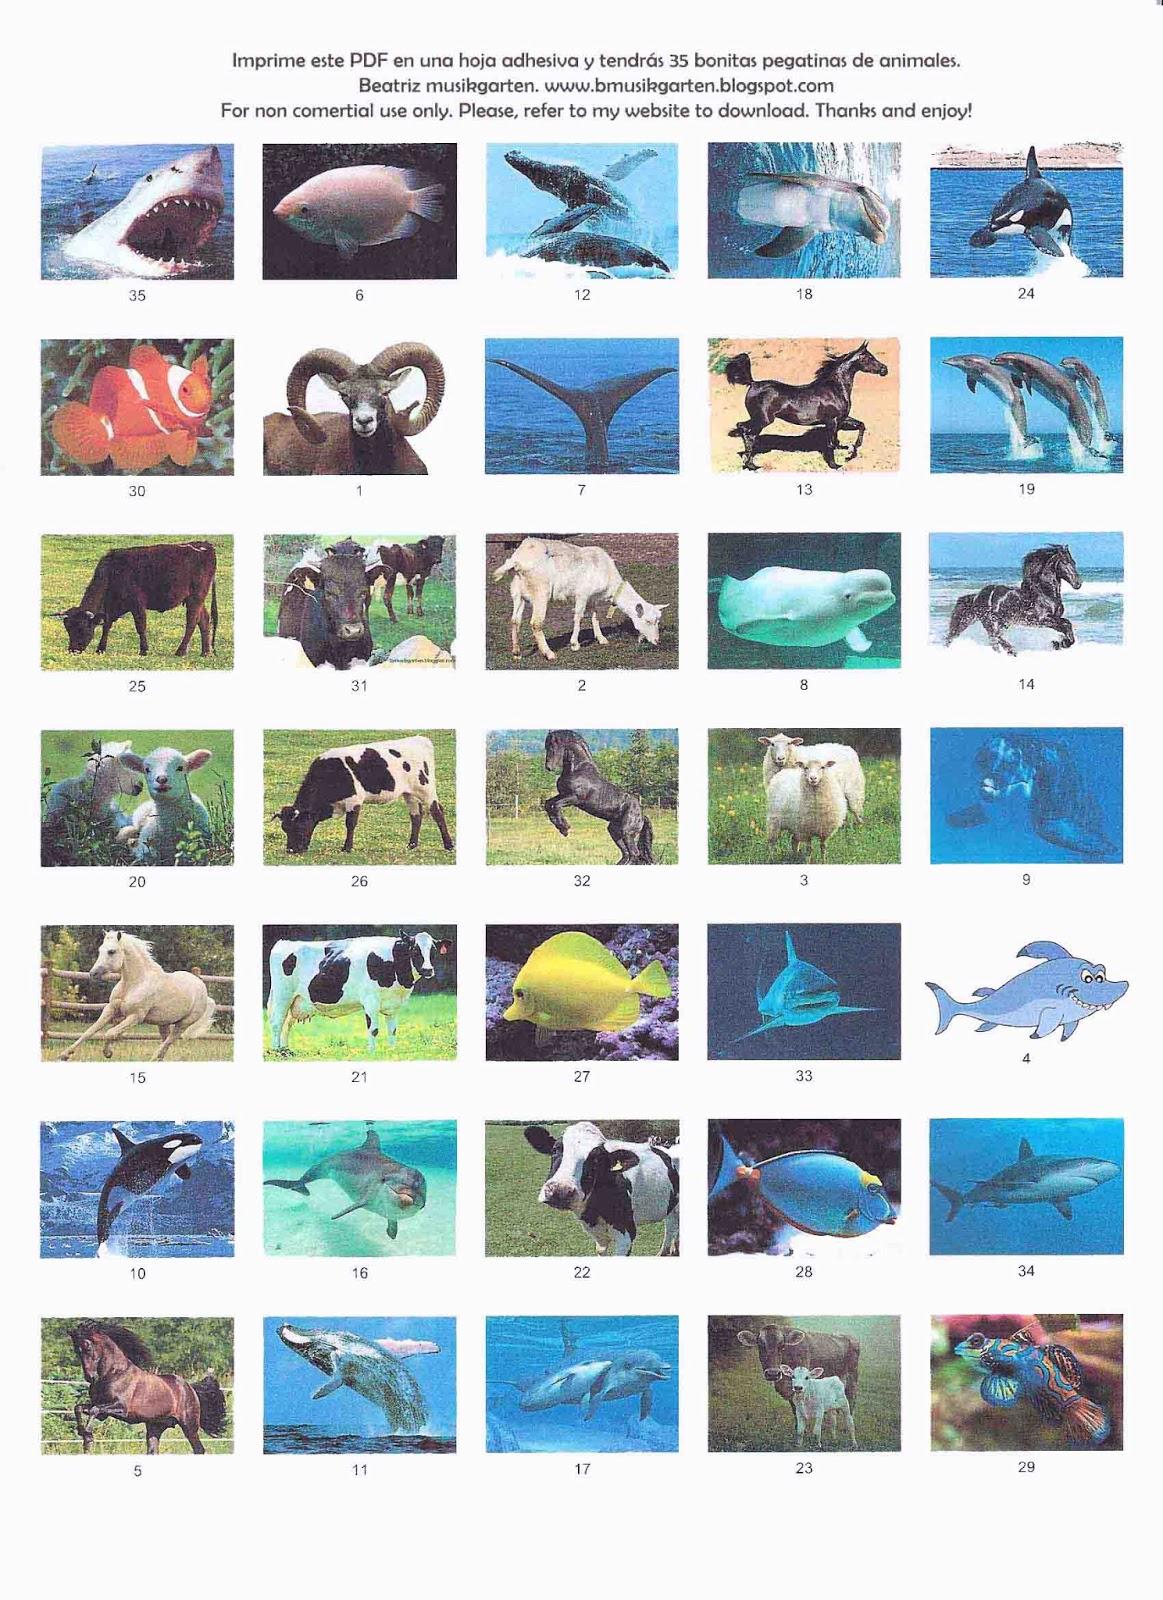 Libro y pegatinas de animales para imprimir PDF   Beatriz musikgarten